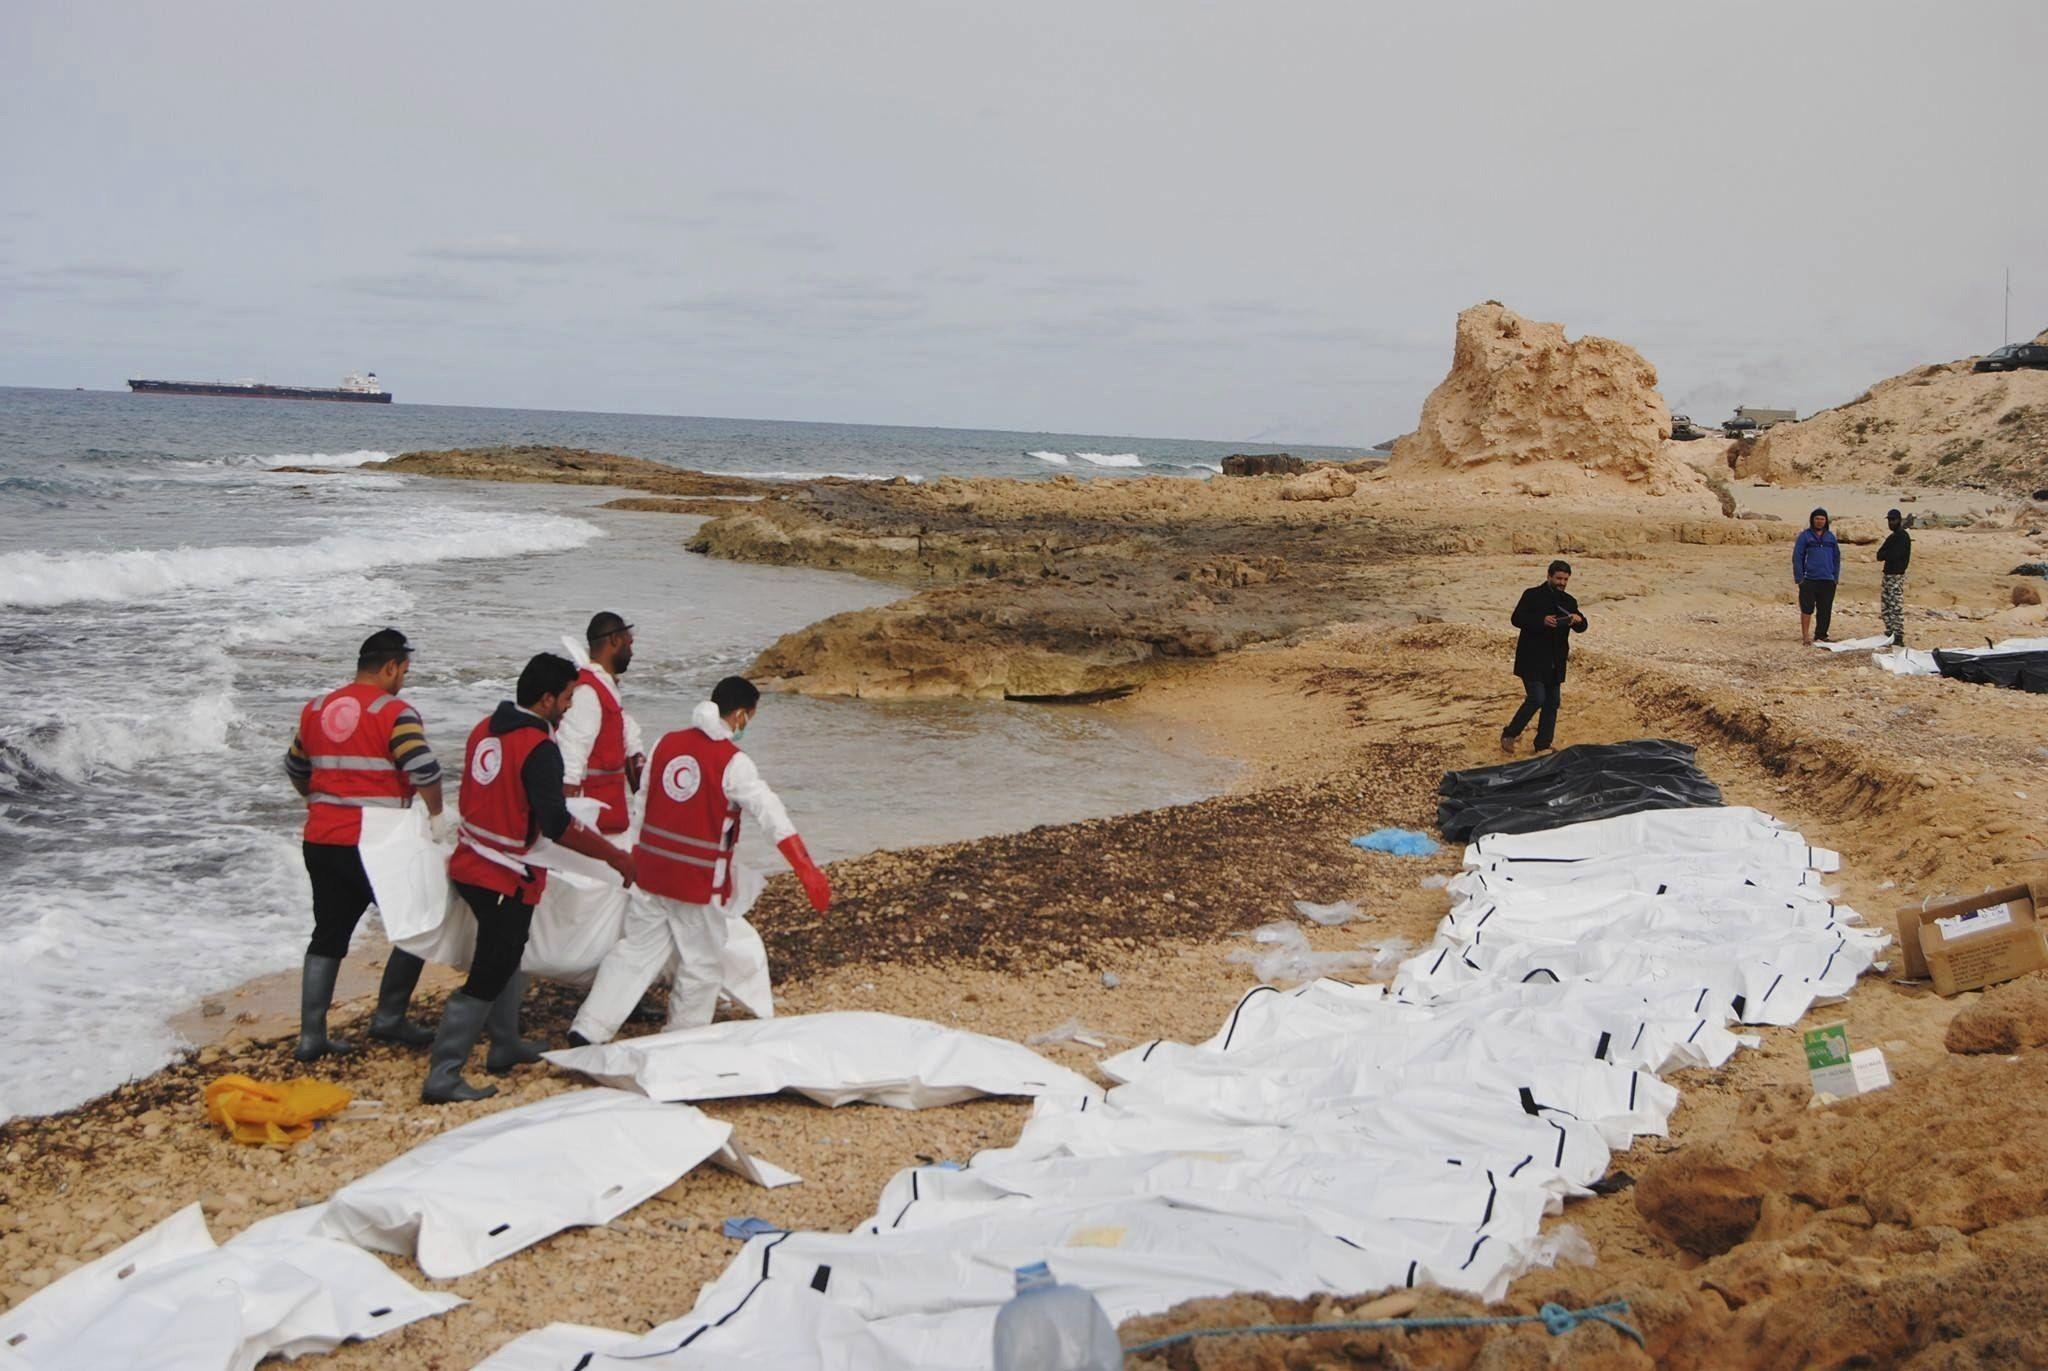 Cossos platja Libia - EFE